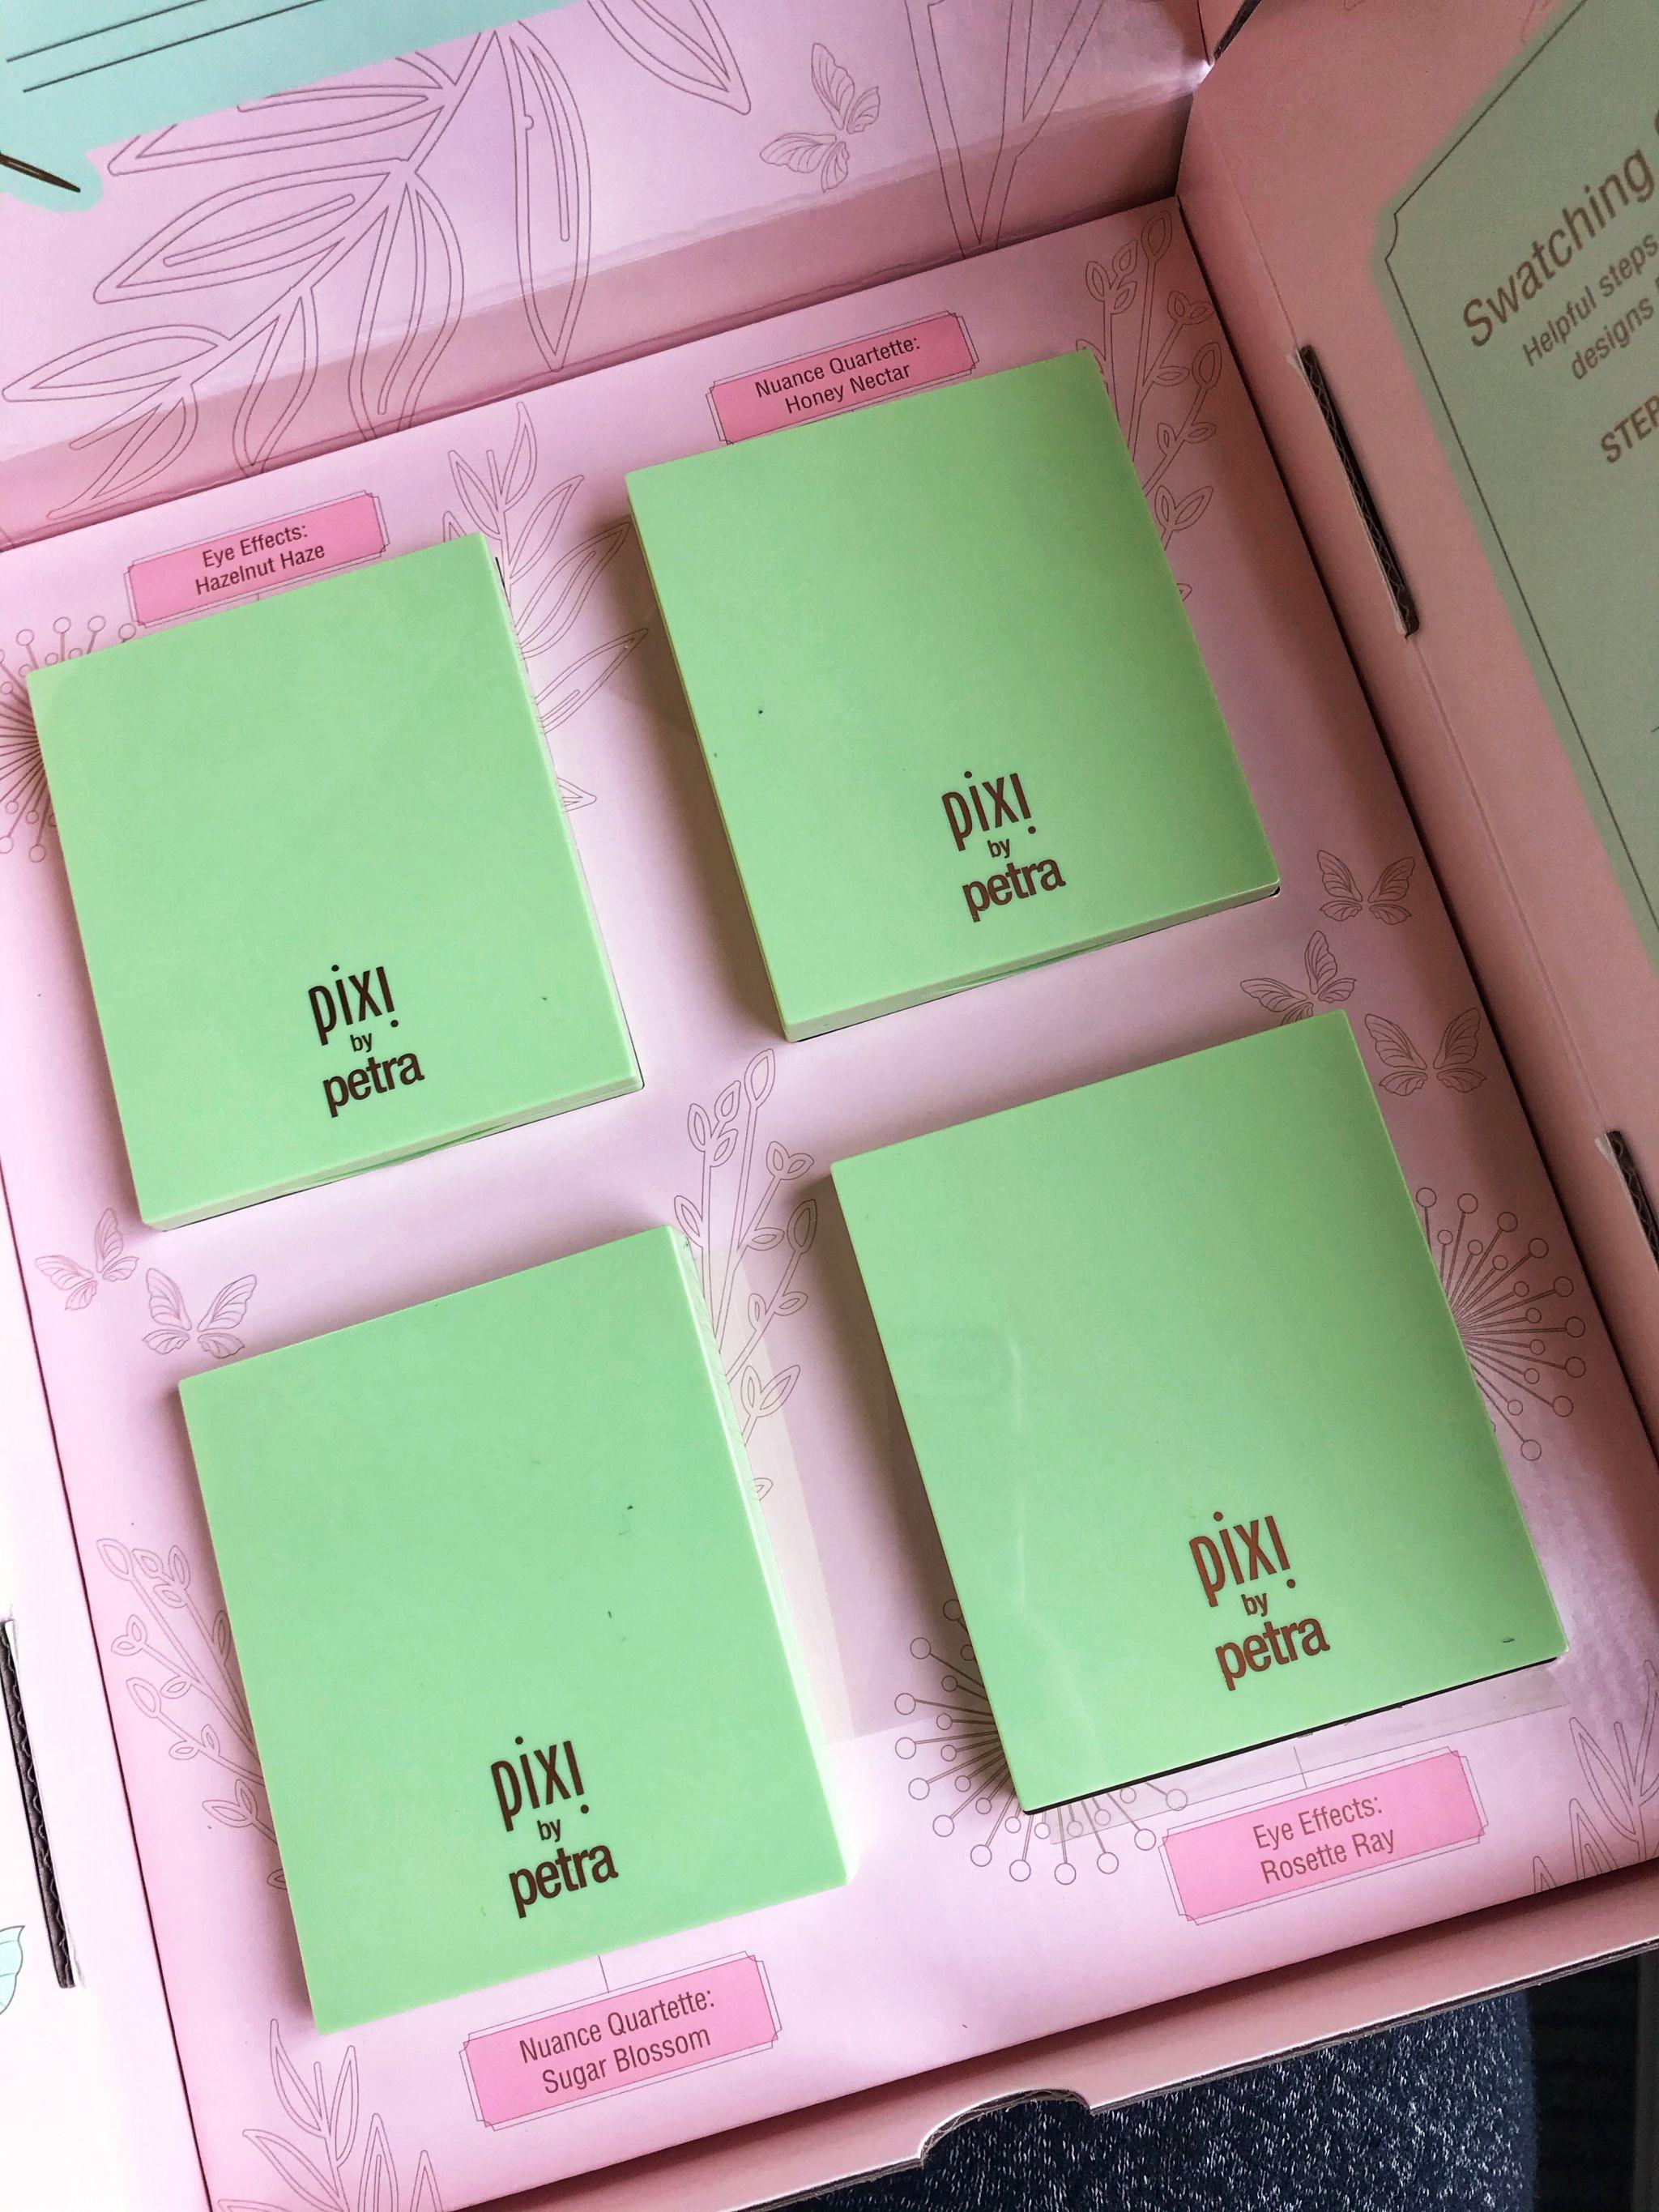 pixi beauty palettes